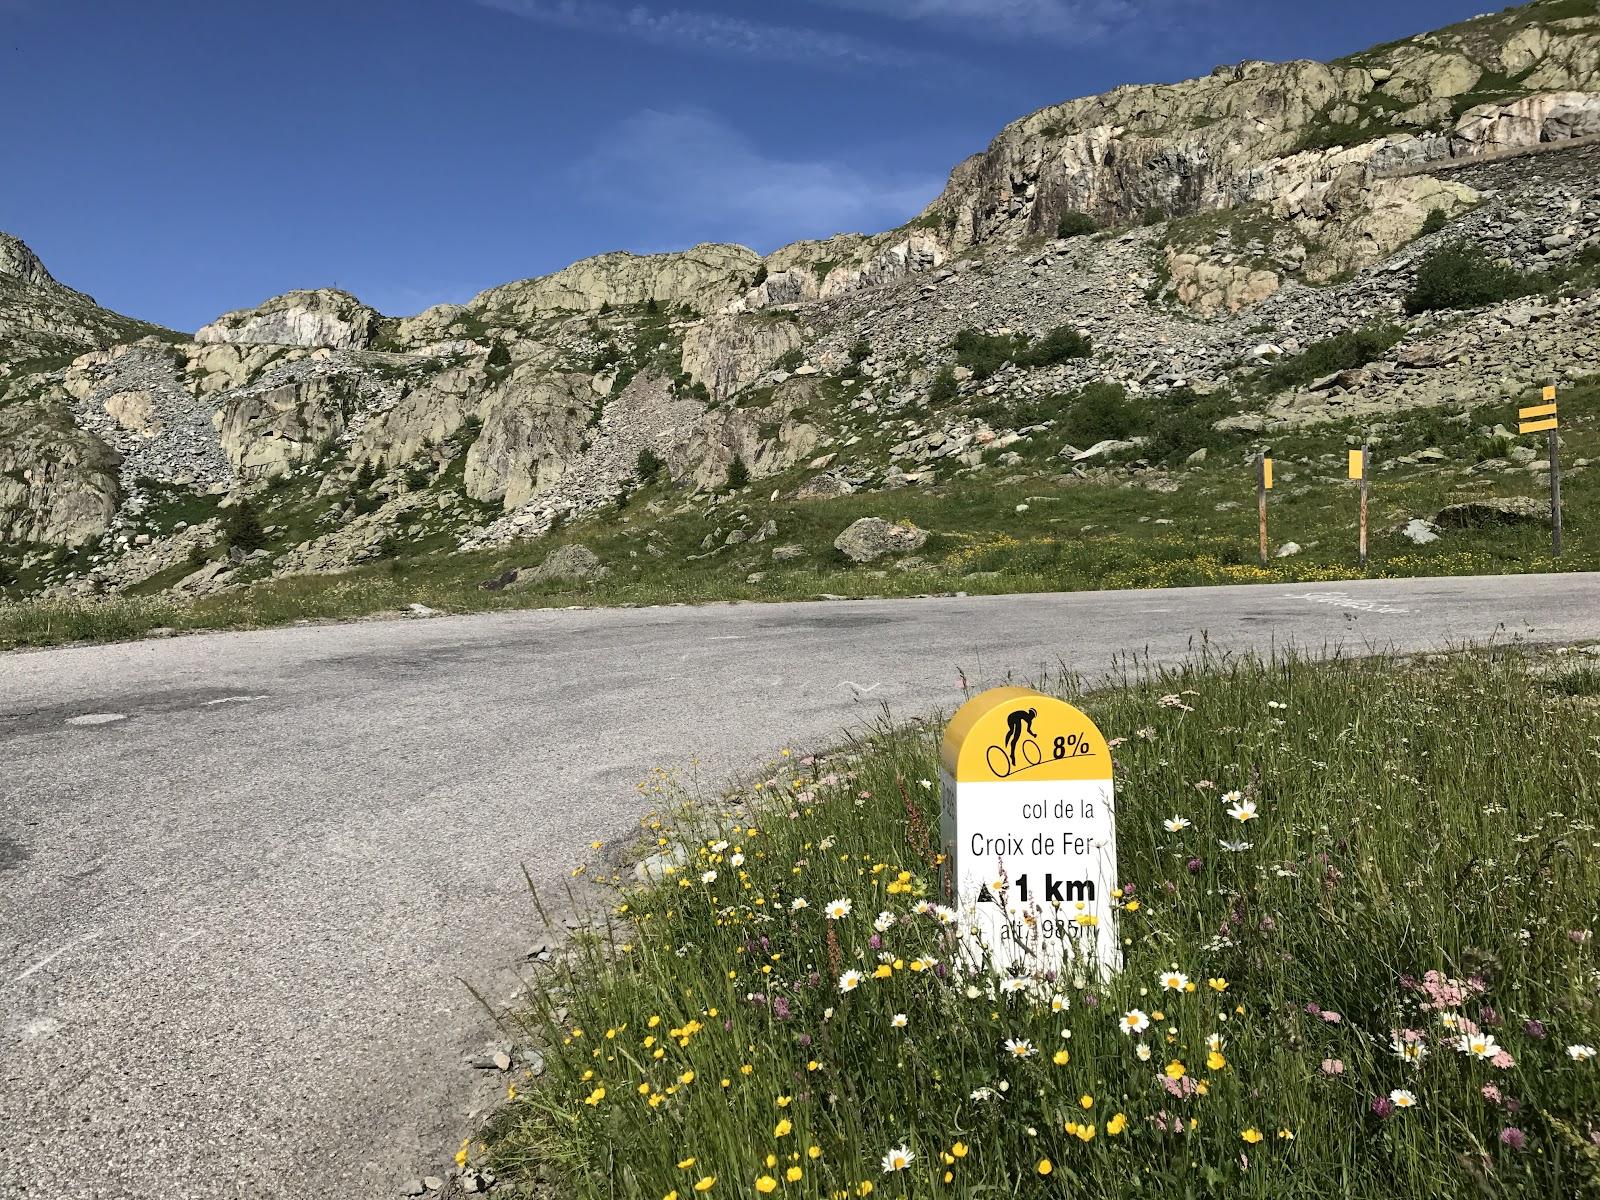 Bicycle ride of Col de la Croix de Fer, Saint-Jean-de-Maurienne - km 1 marker and road